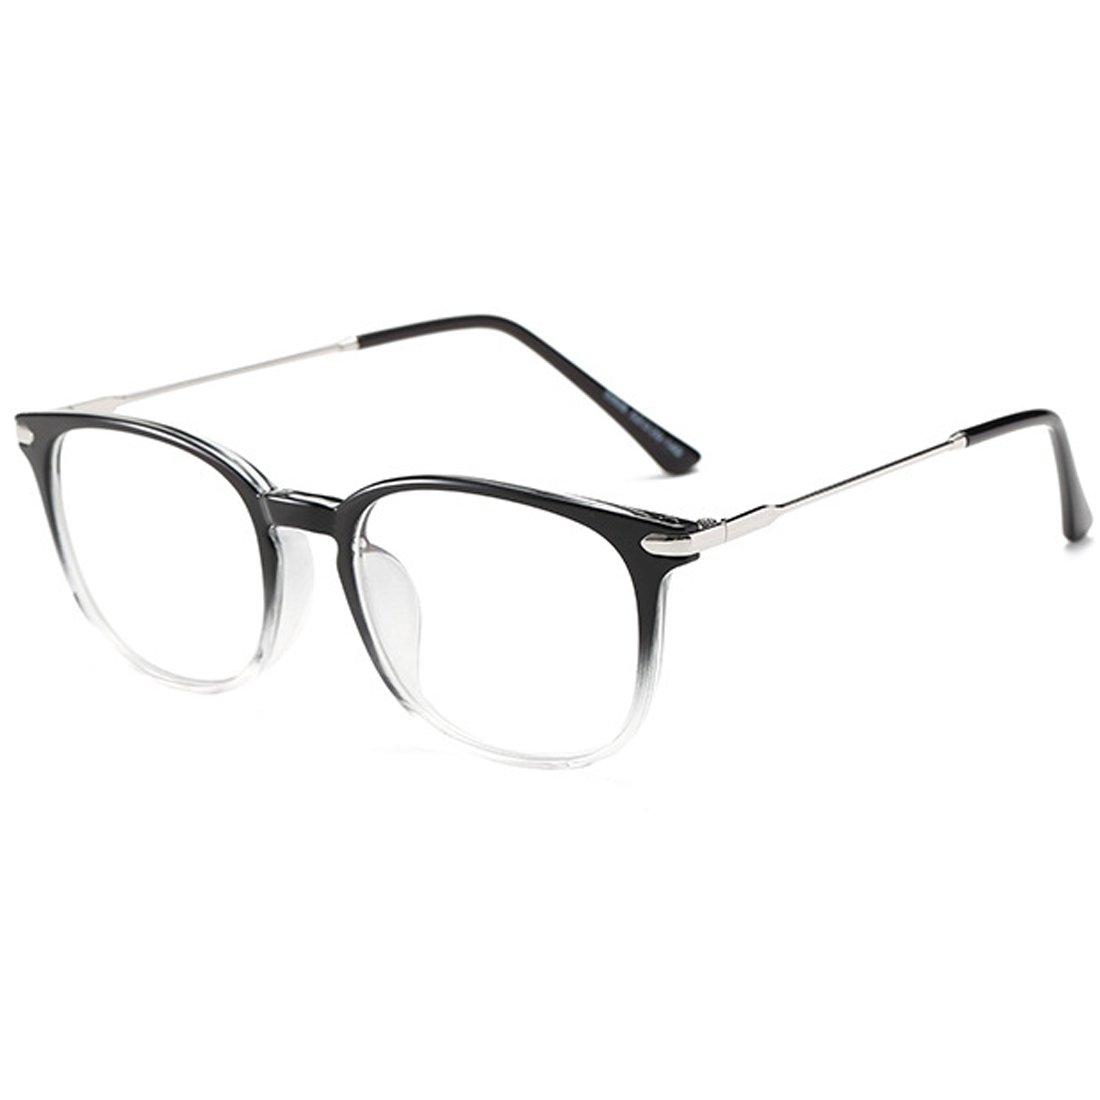 Rnow - Gafas de Sol antirreflejos y antirreflejos para Ordenador, Color Azul